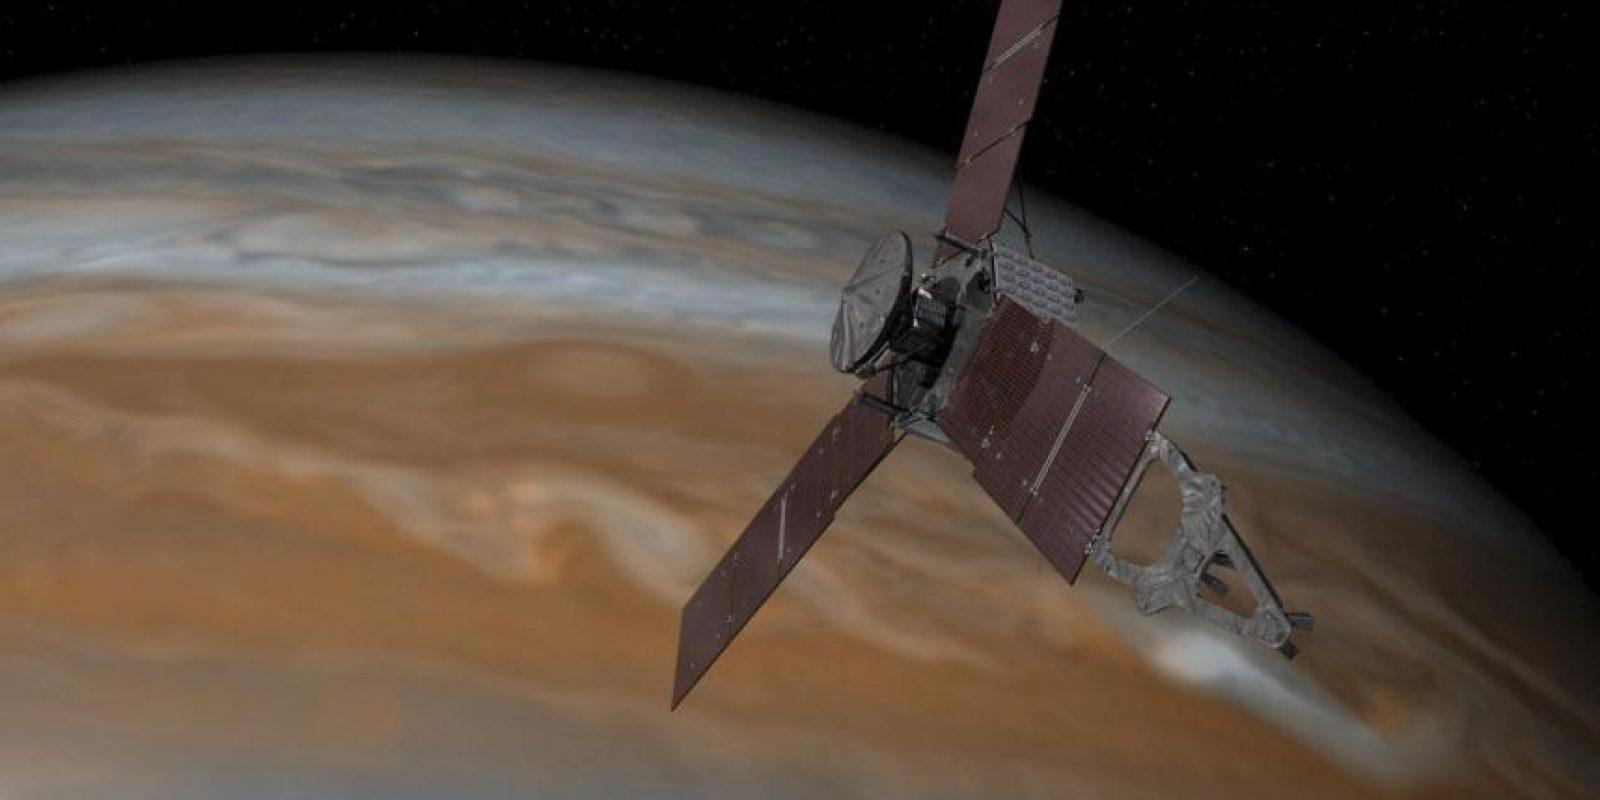 La sonda espacial tardó cinco años en llegar hasta la órbita de Júpiter Foto:NASA